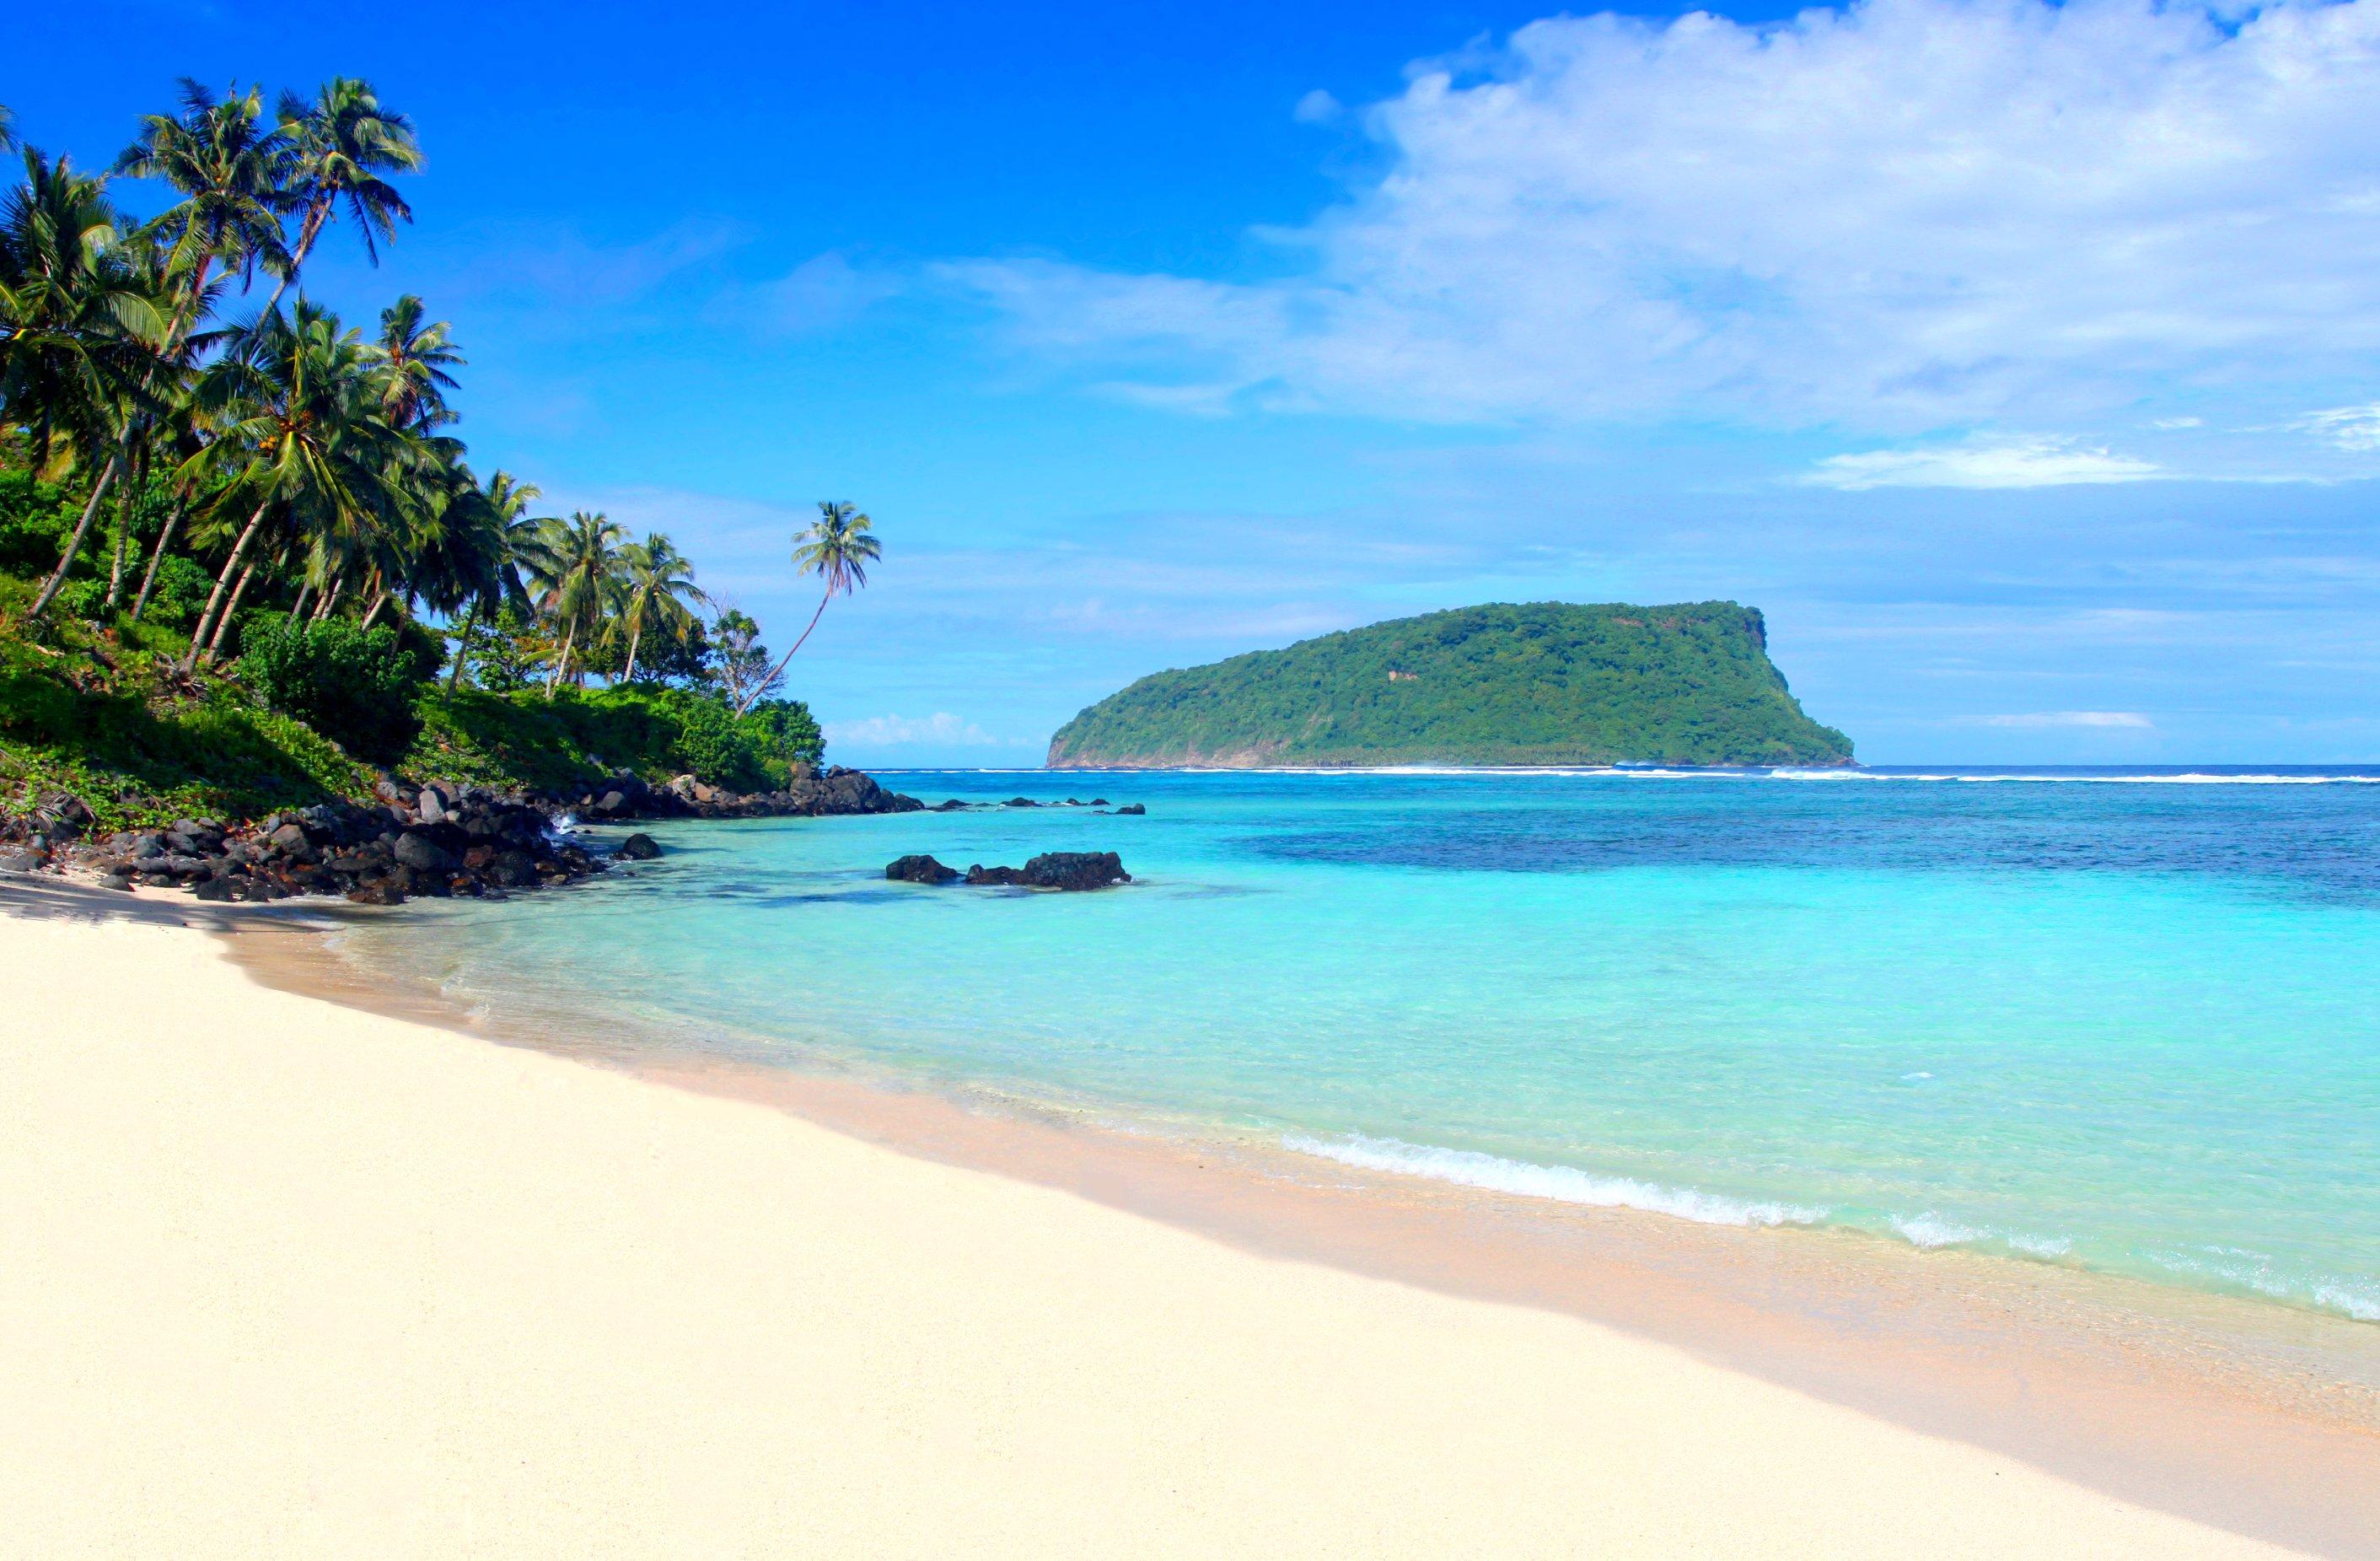 этих страницах фотки качественные пляж этой связи нужно